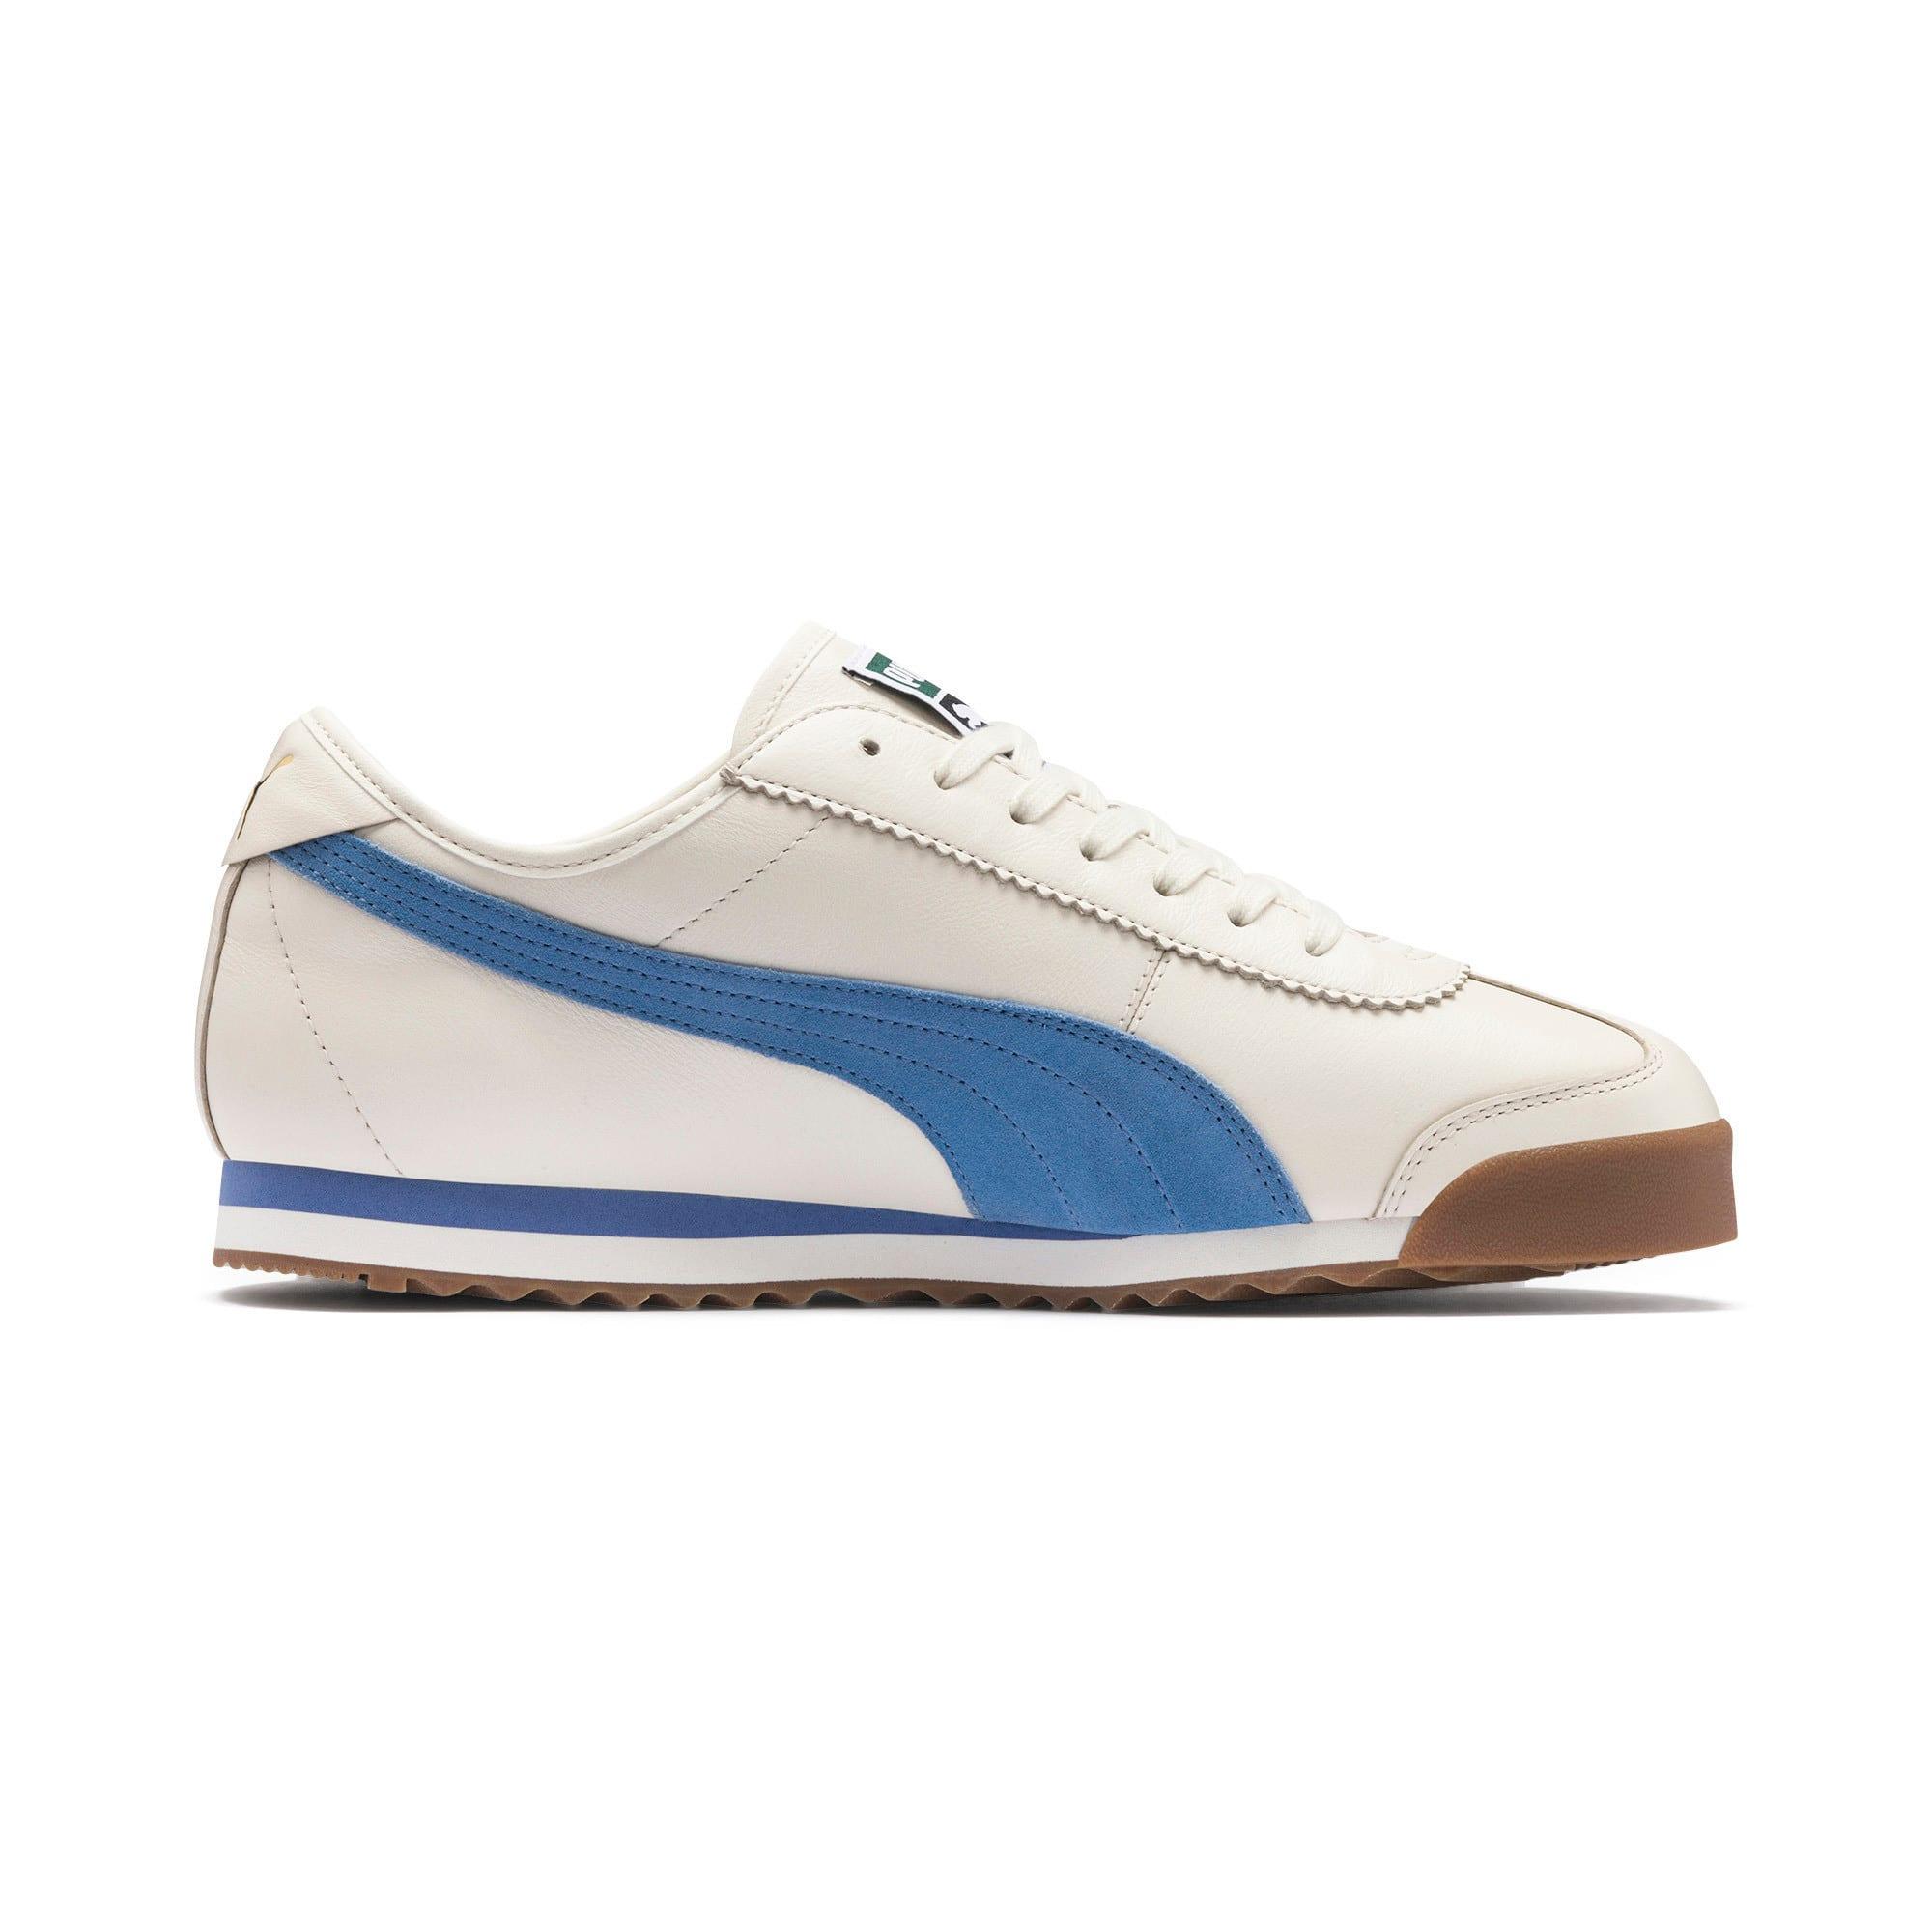 Miniatura 6 de Zapatos deportivosRoma '68 OG, Whisper White-Blue Yonder, mediano